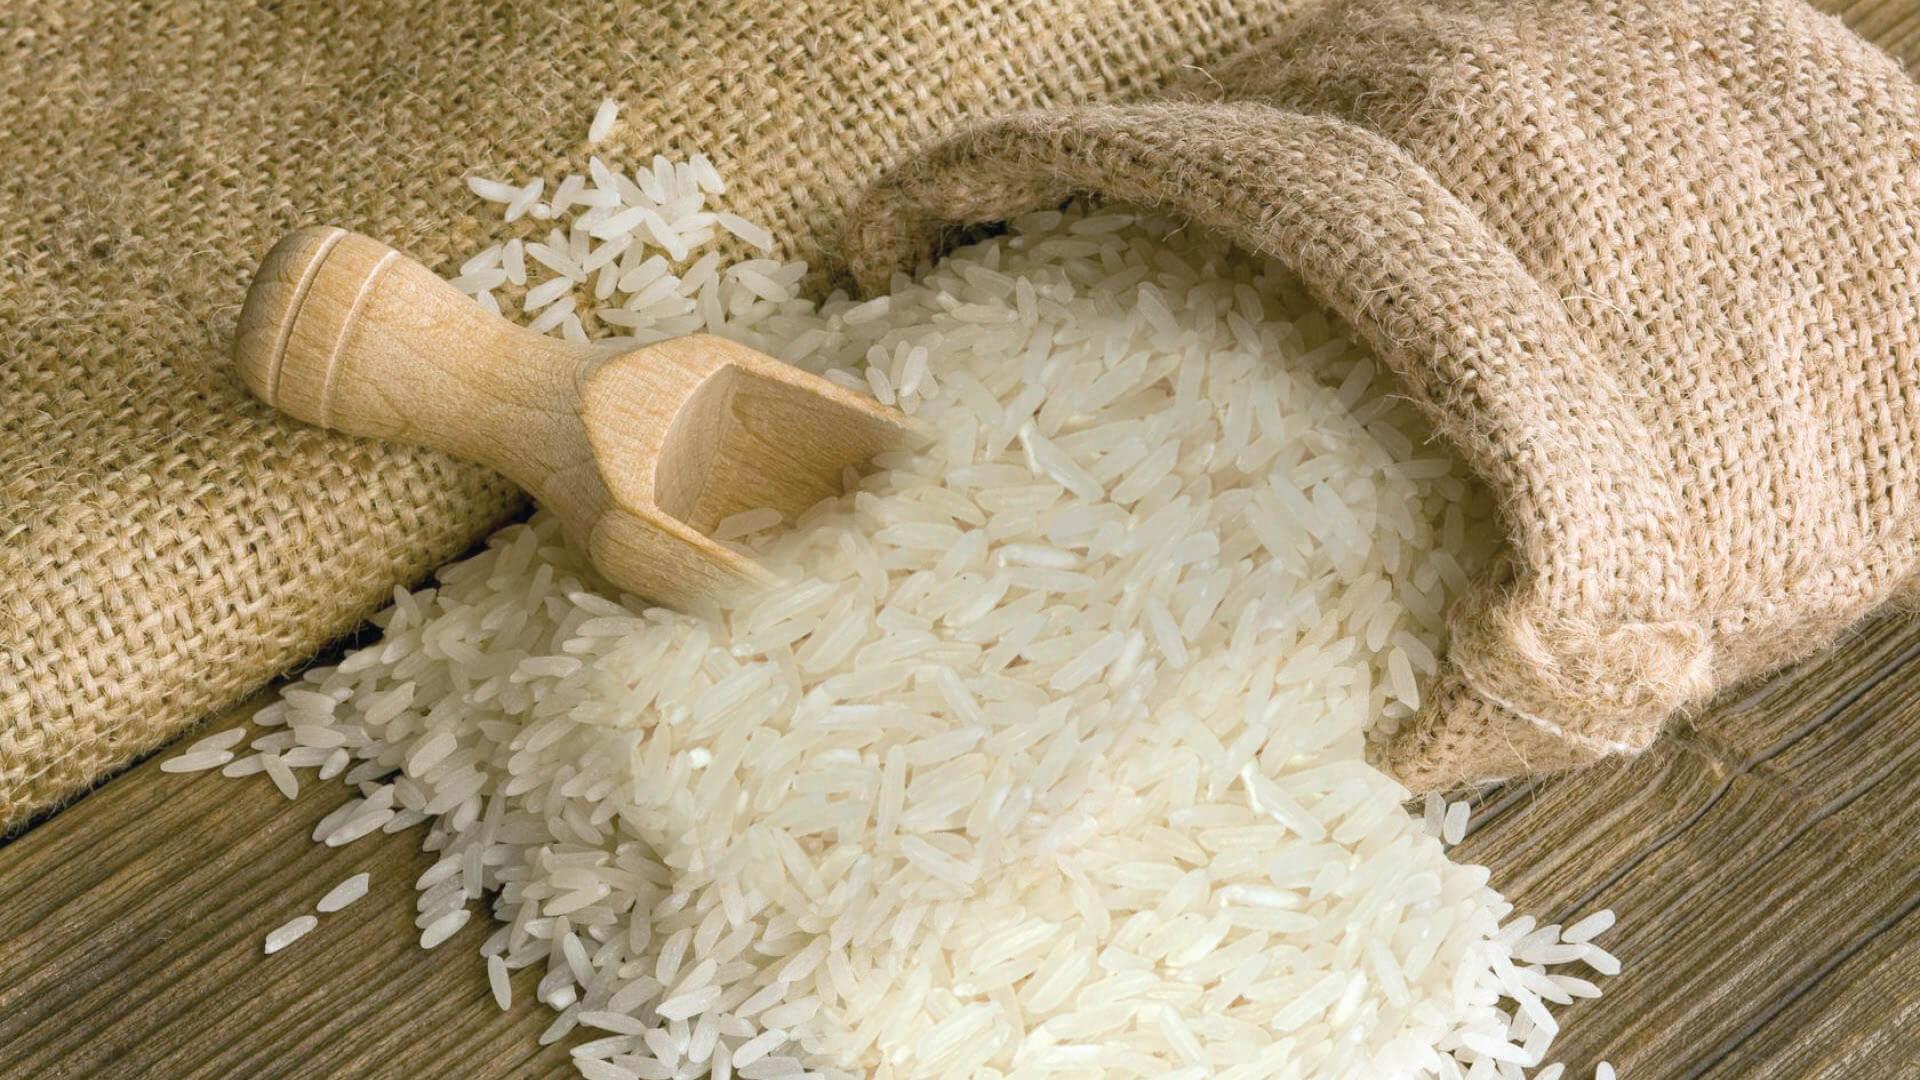 TRACO logistics giới thiệu tới quý khách hàng thủ tục xuất khẩu gạo như sau